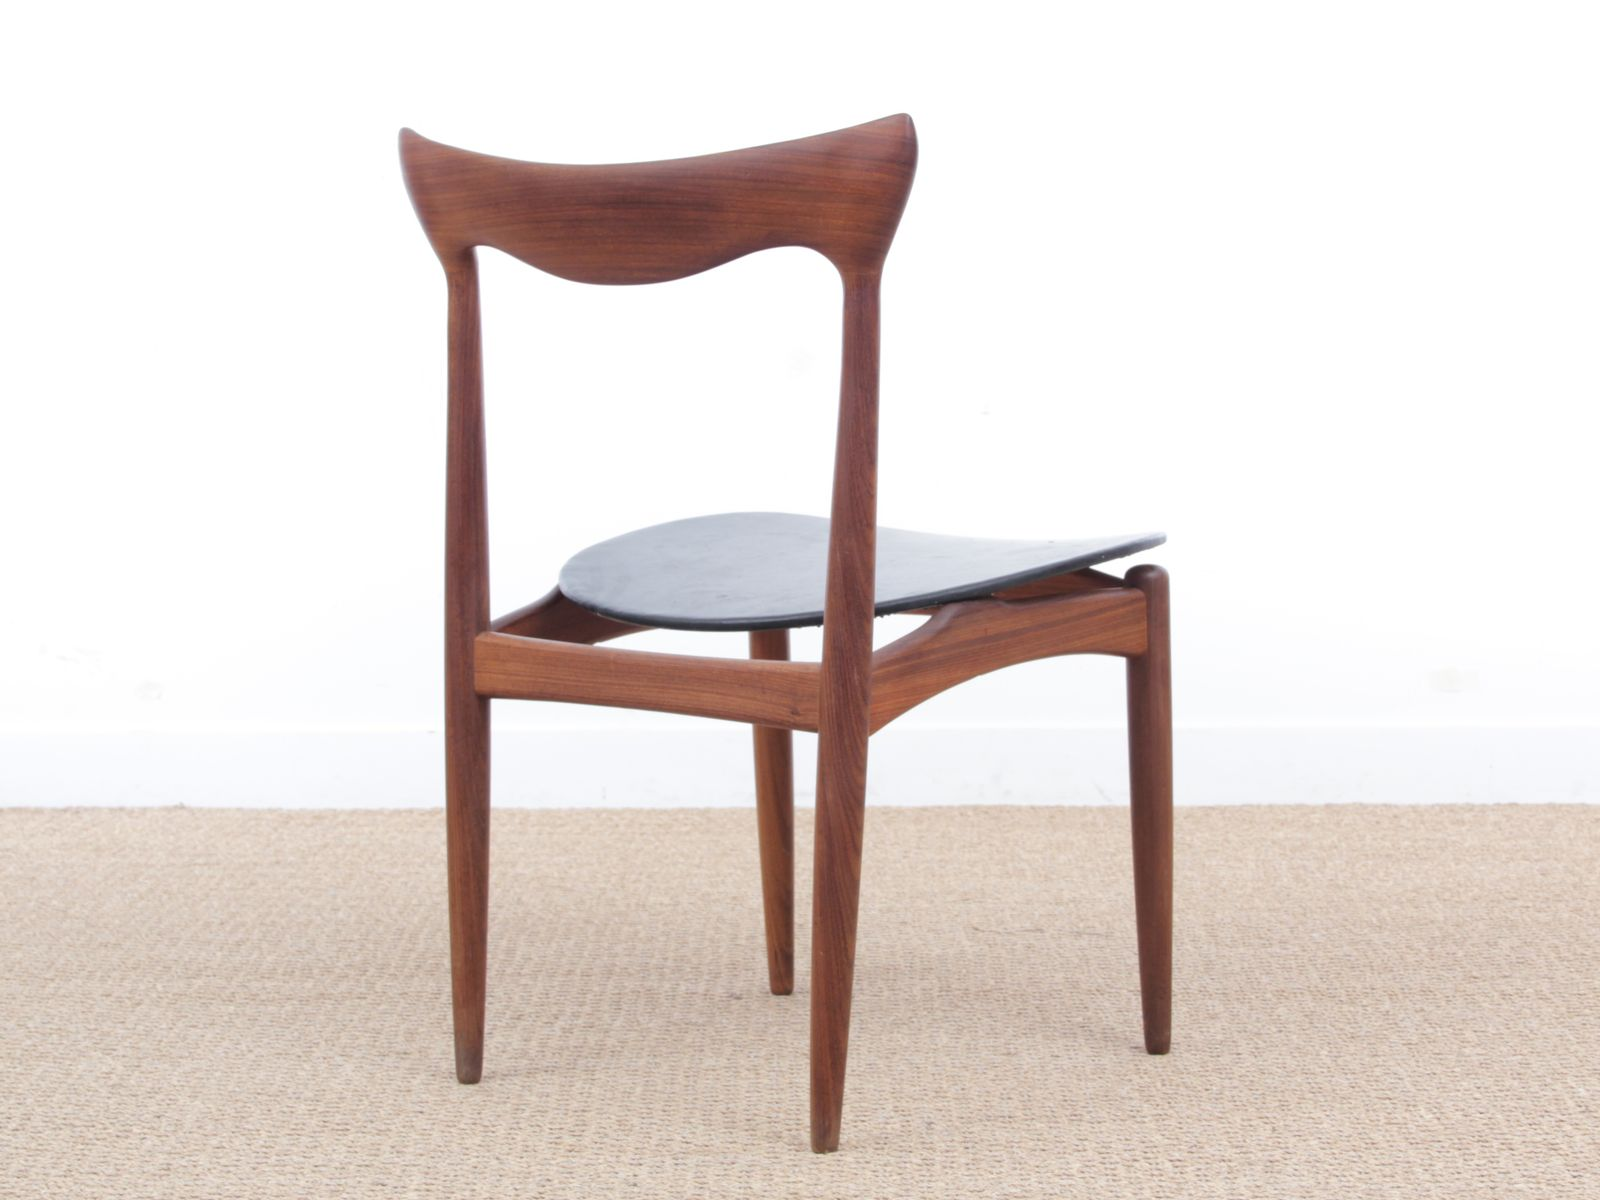 skandinavische mid century teak st hle von henry walter klein 4er set bei pamono kaufen. Black Bedroom Furniture Sets. Home Design Ideas